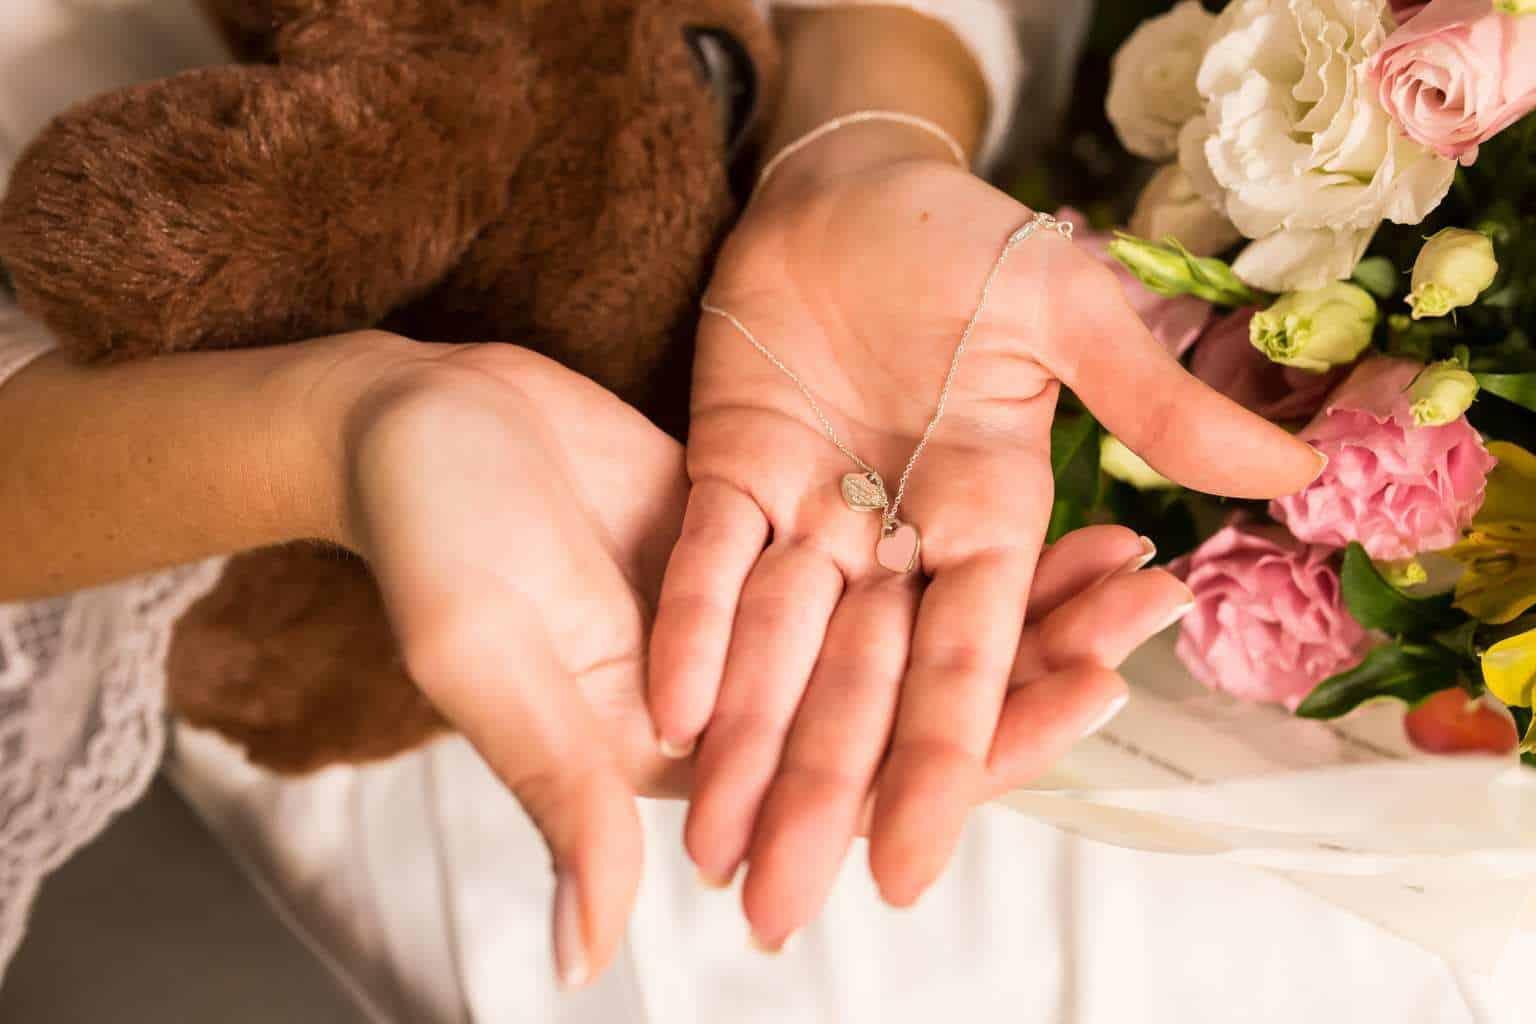 casamento-fernanda-e-leandro-casamento-sp-Fotografia-Produtora-7-casamento-clássico-casamento-tradicional-wedding-9